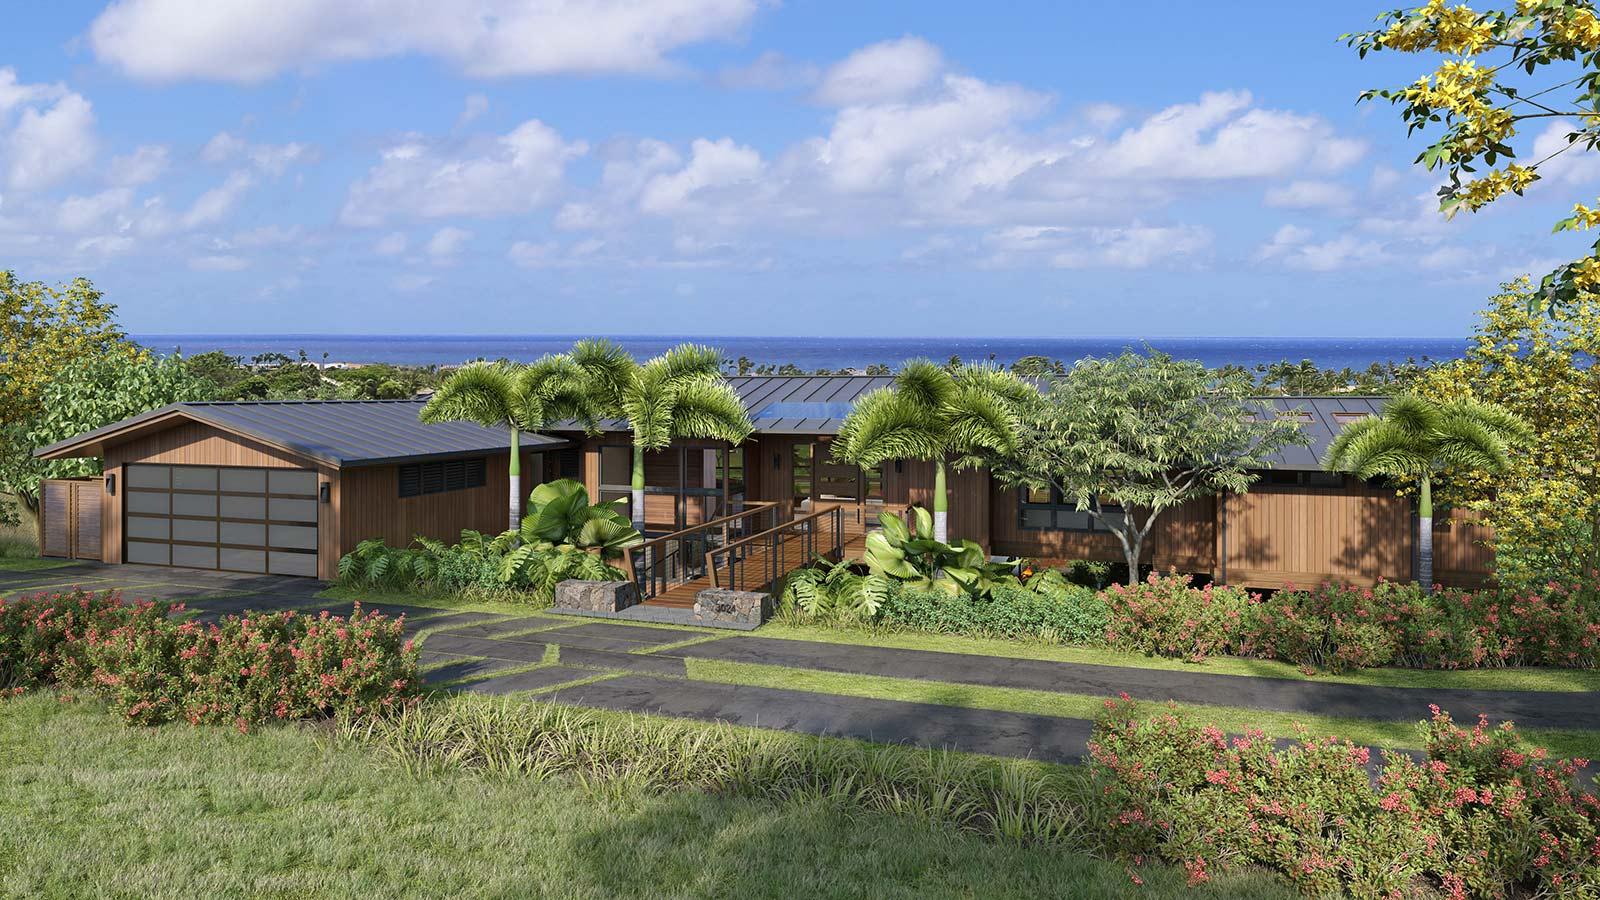 Kukuiula-Kauai-Hawaii-3D-Rendering-Poipu